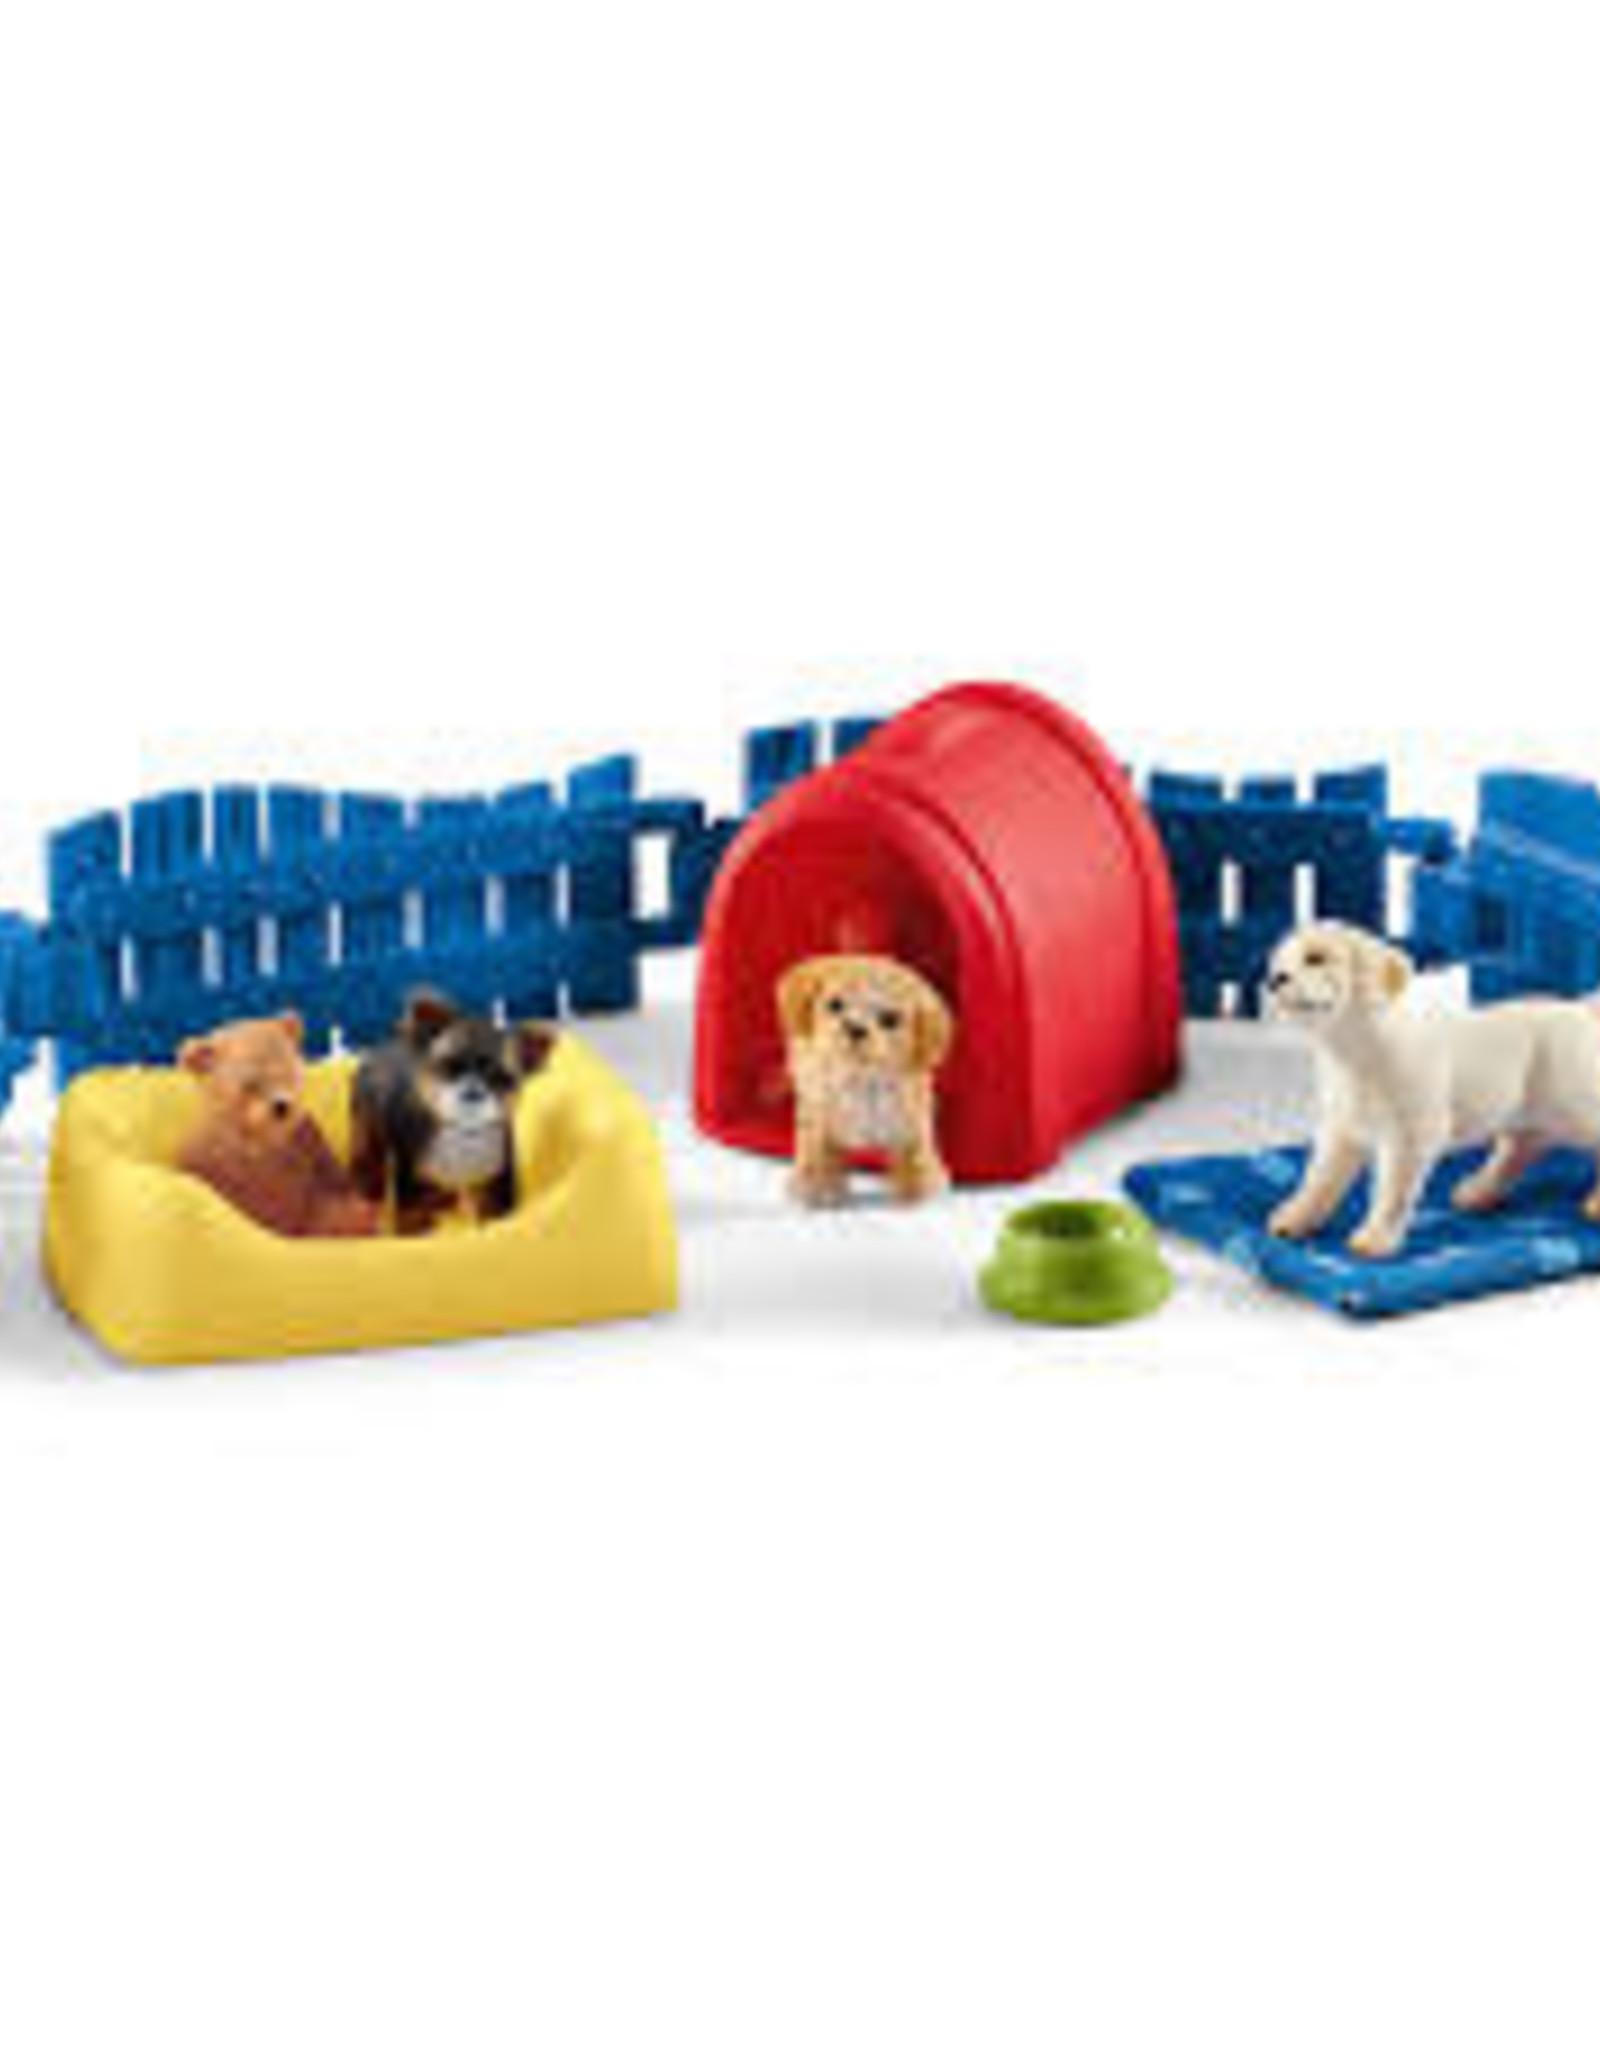 Schleich Schleich - Farm World Puppy Pen